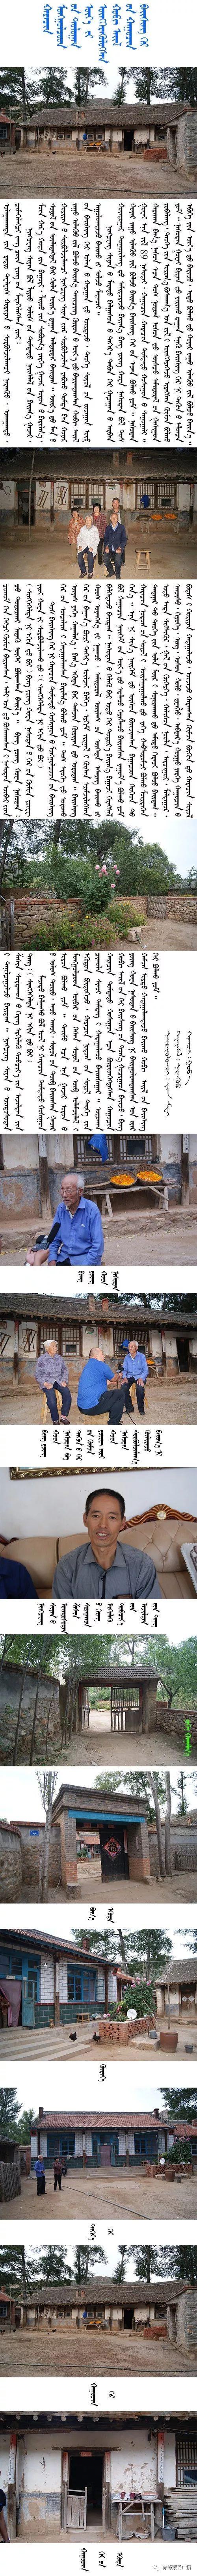 【音频】 养育七代人的喀喇沁蒙古族老房子 第1张